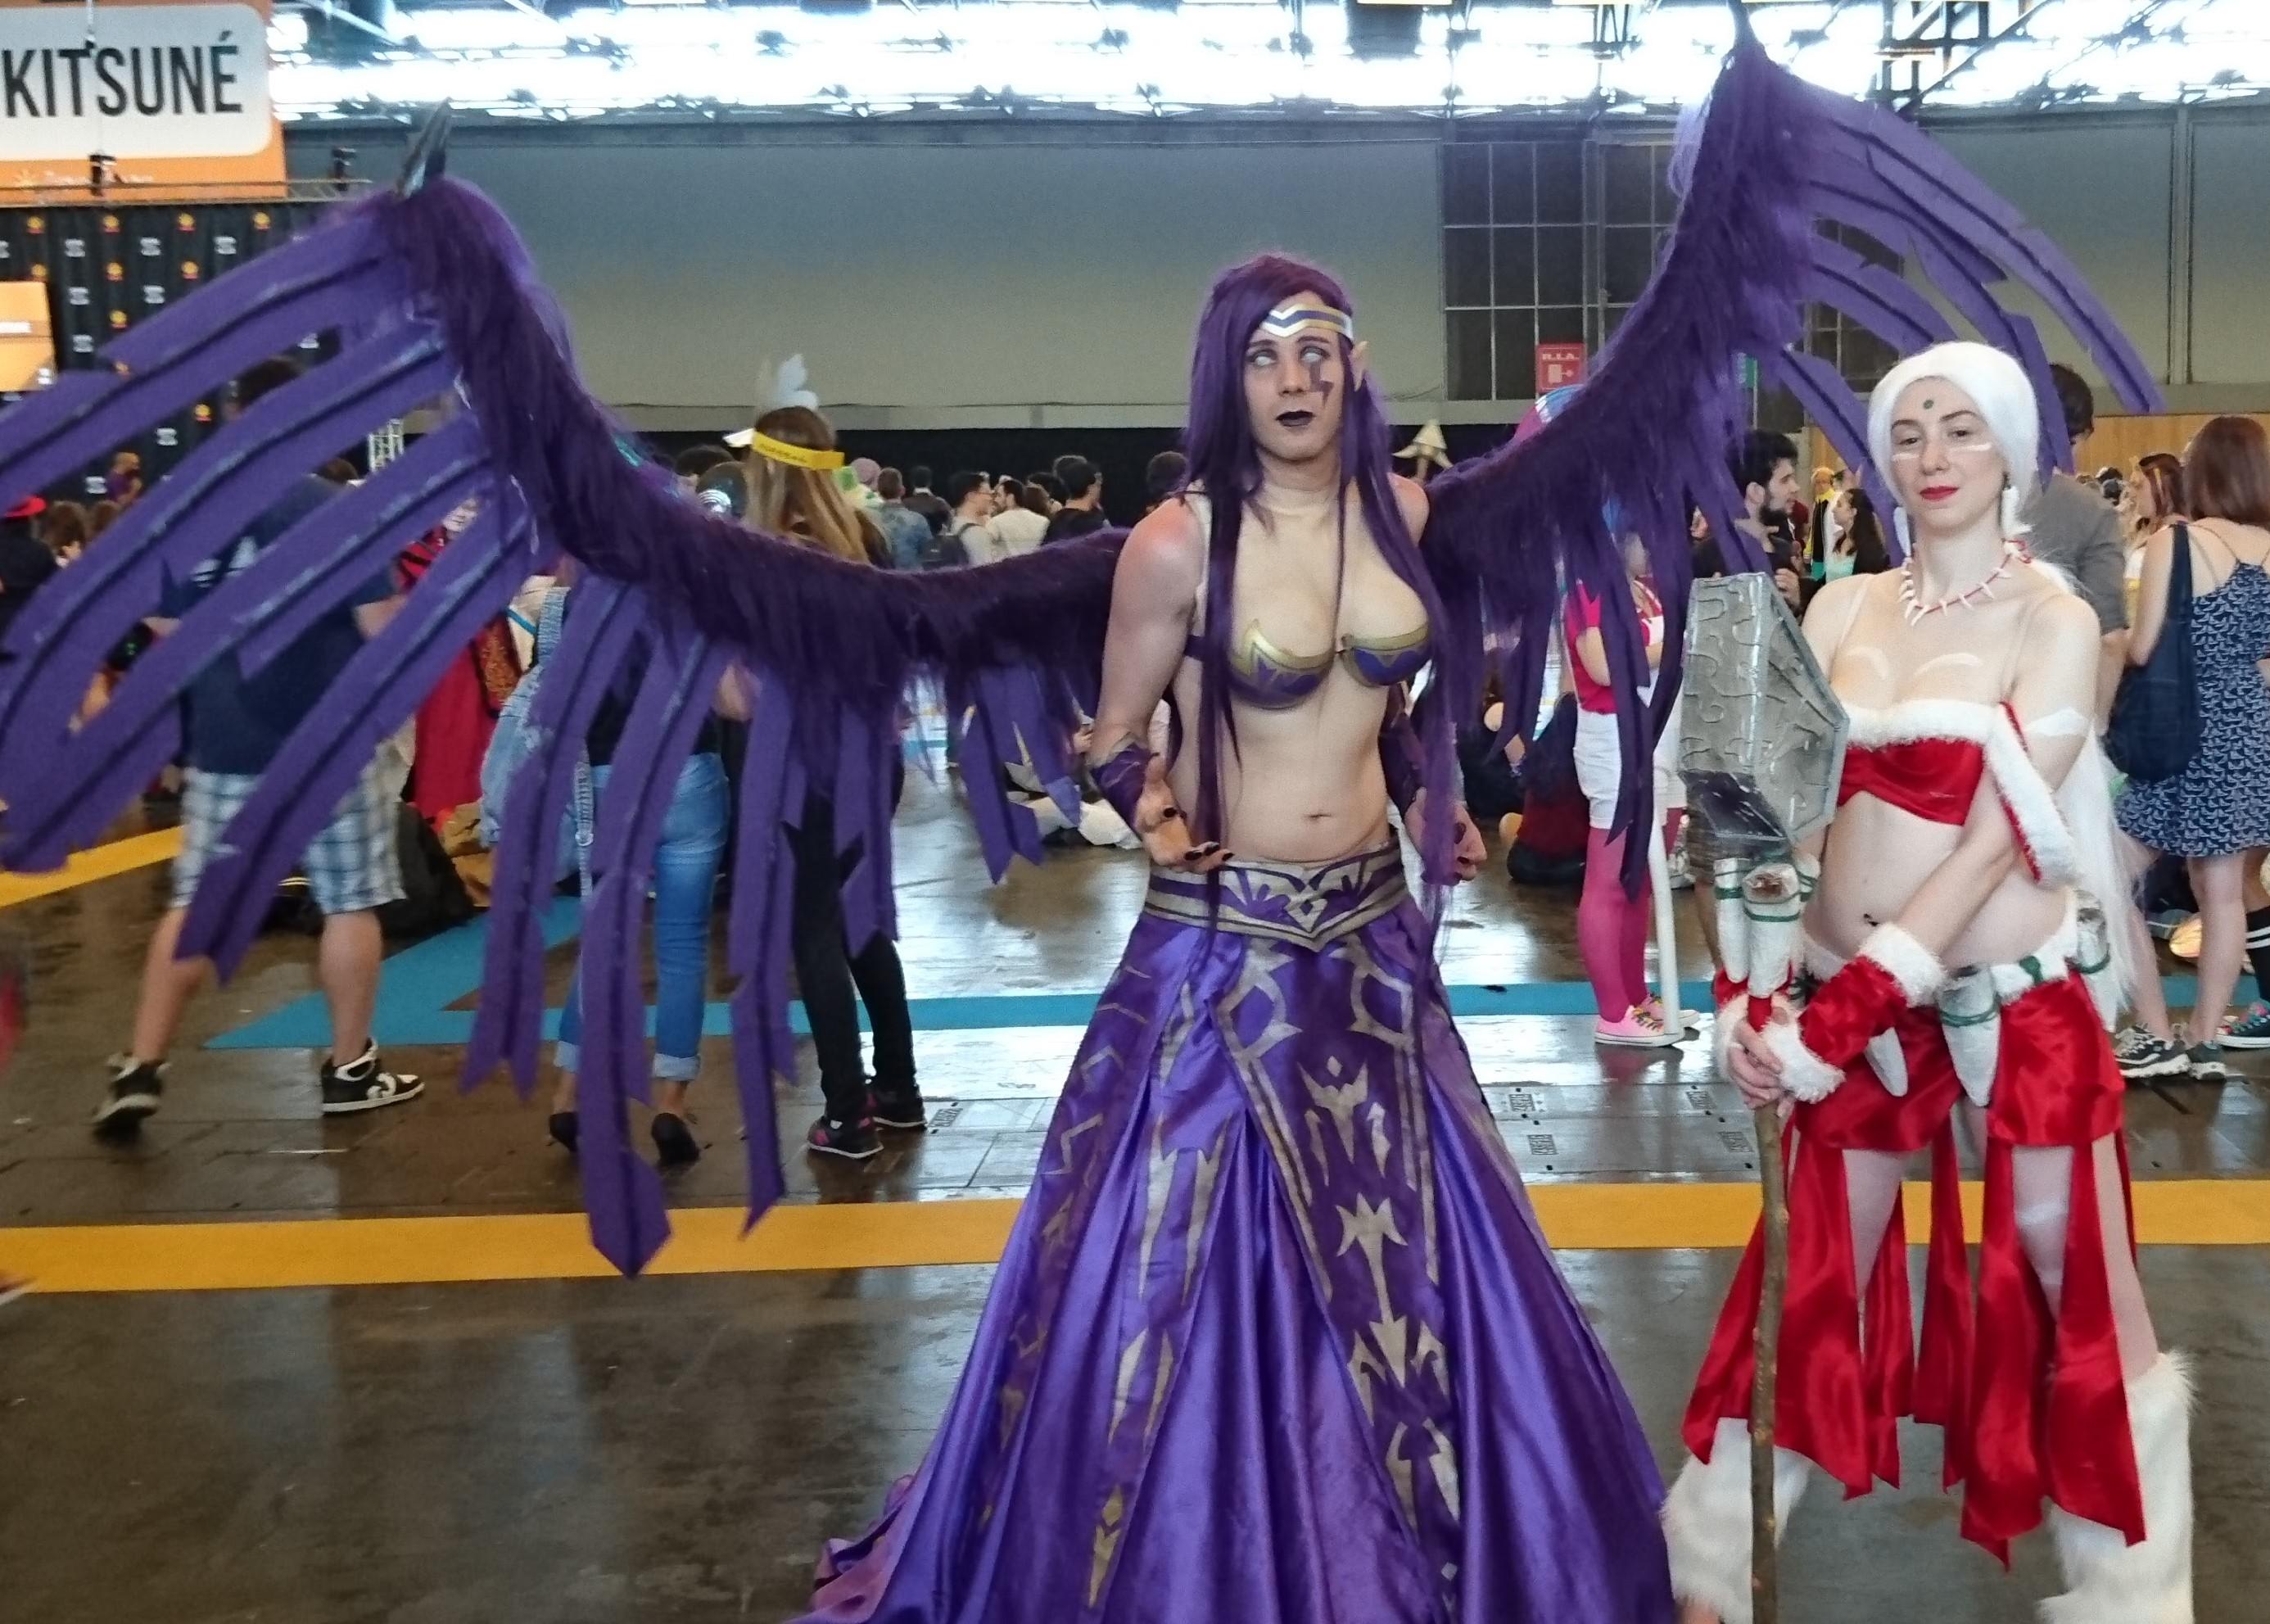 Japan expo cosplay 8 matcha et sakura - Japan expo paris 2017 ...